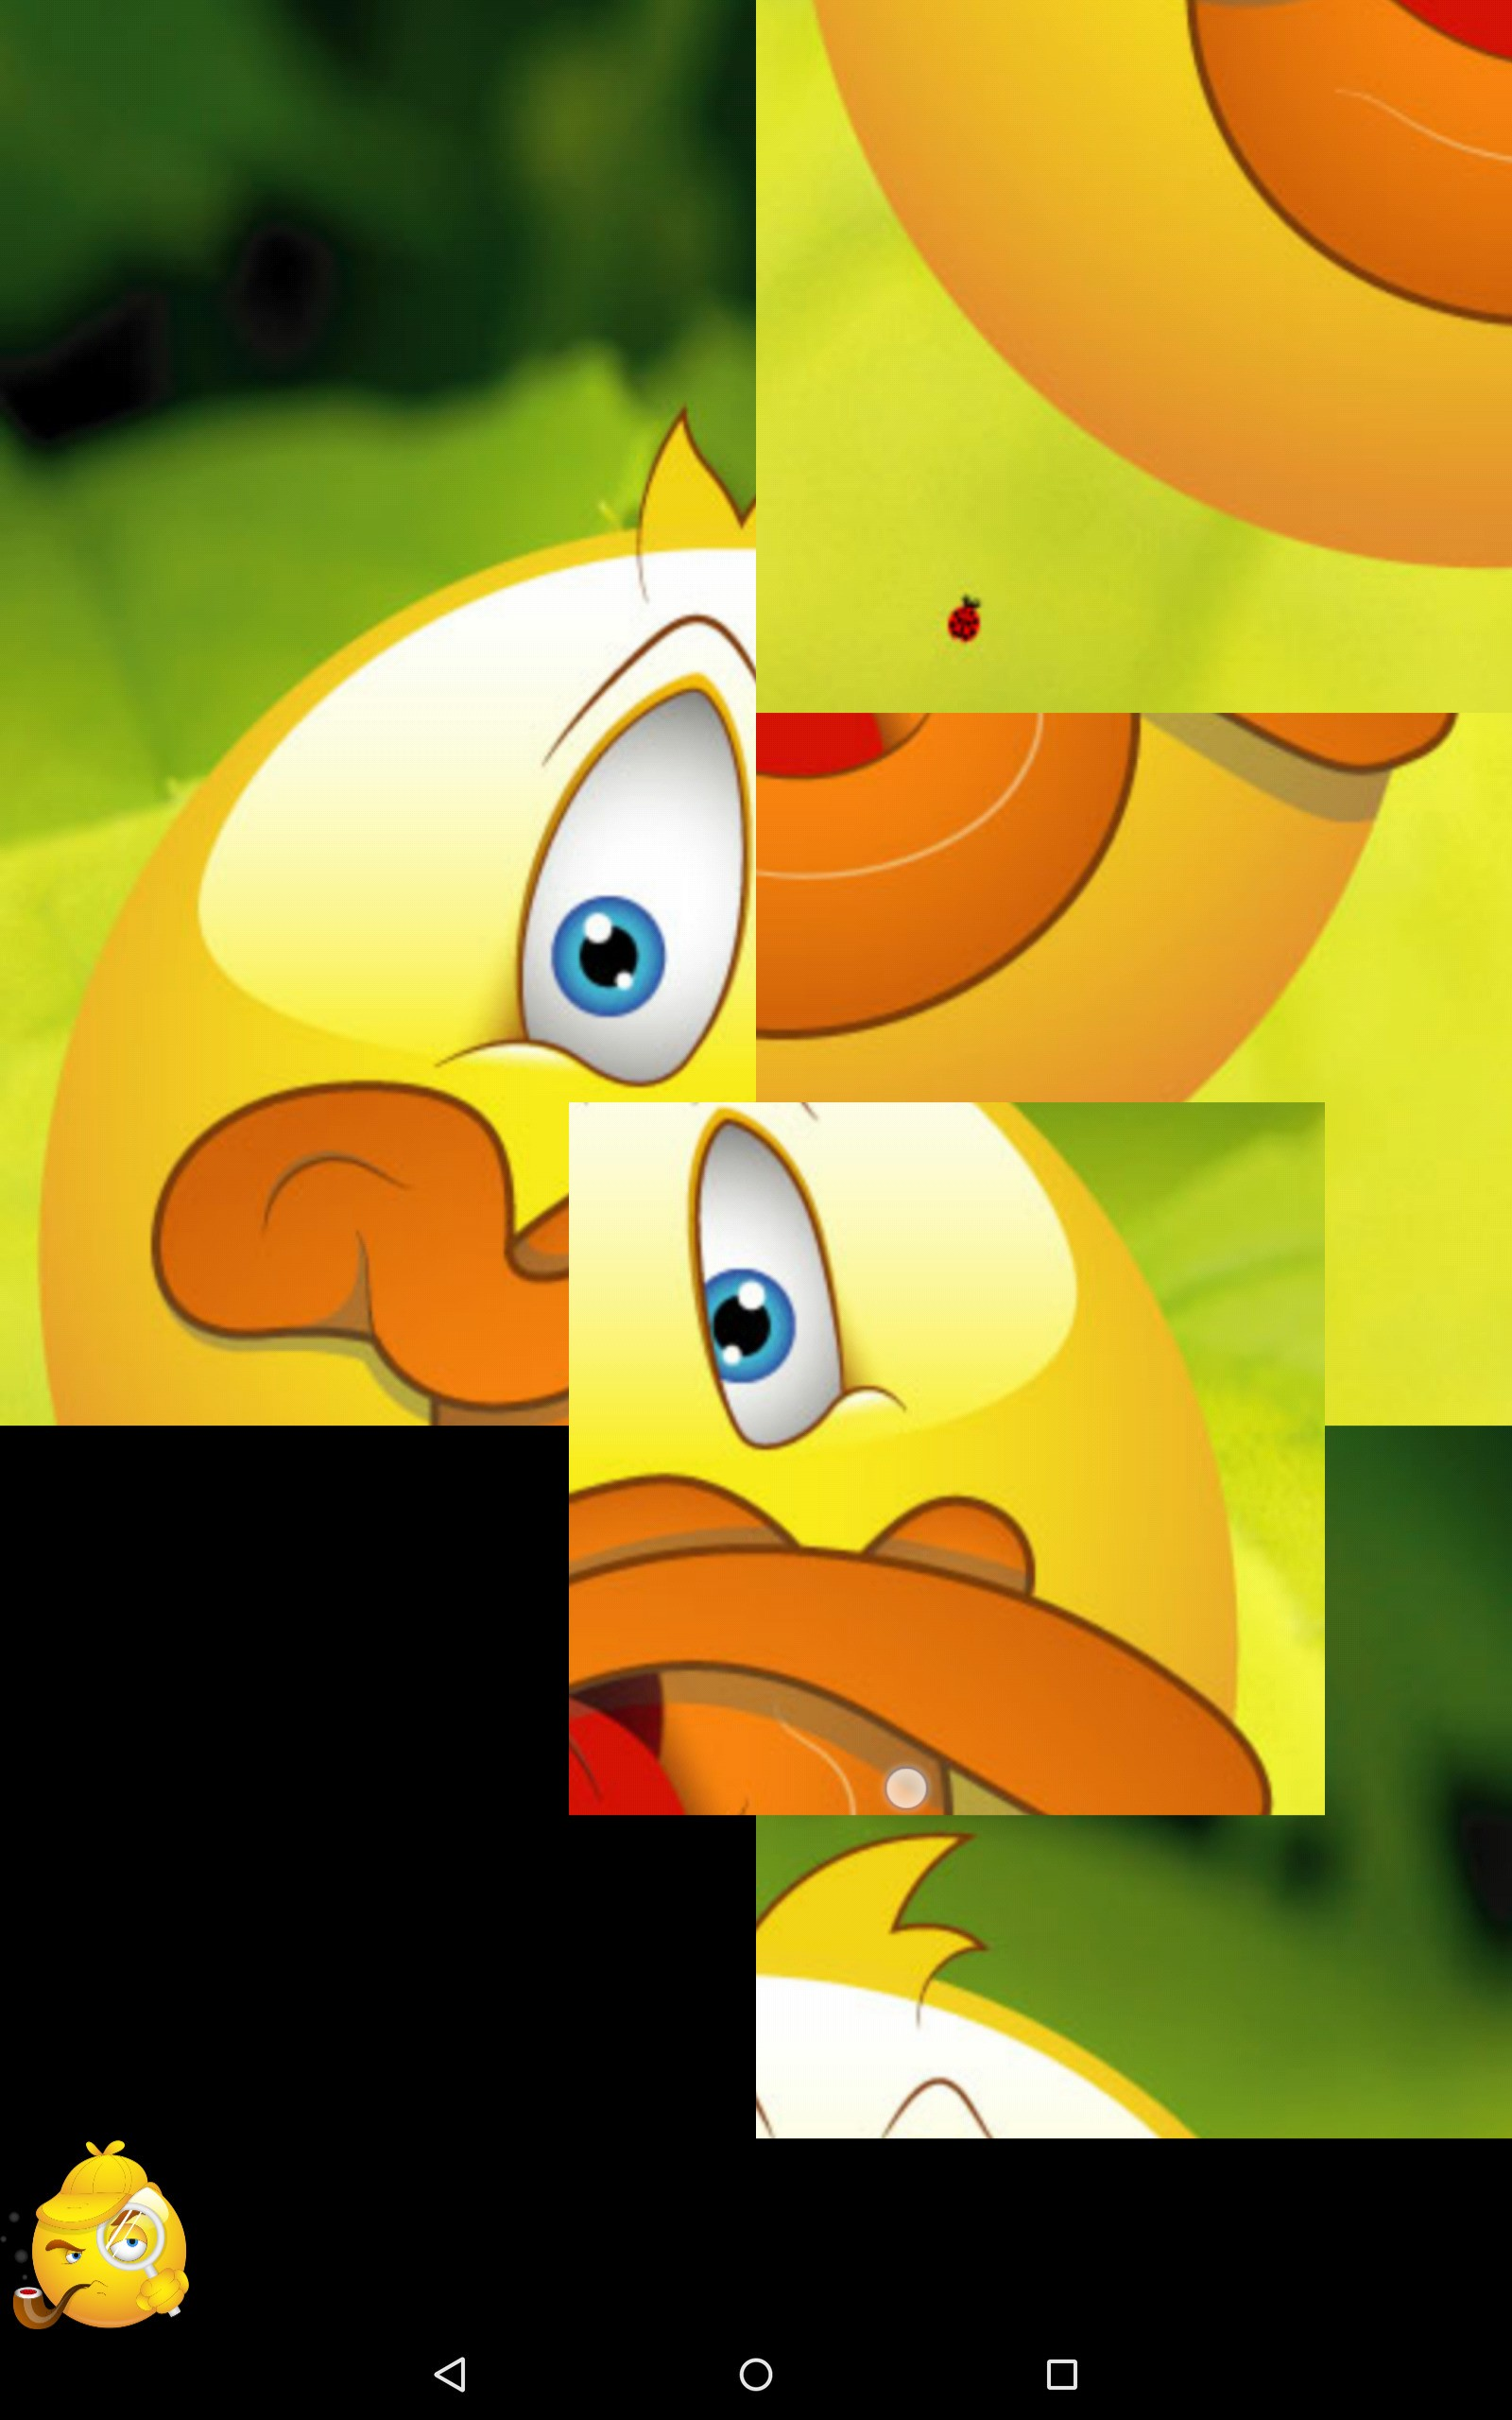 Emoji Games 4 kids free